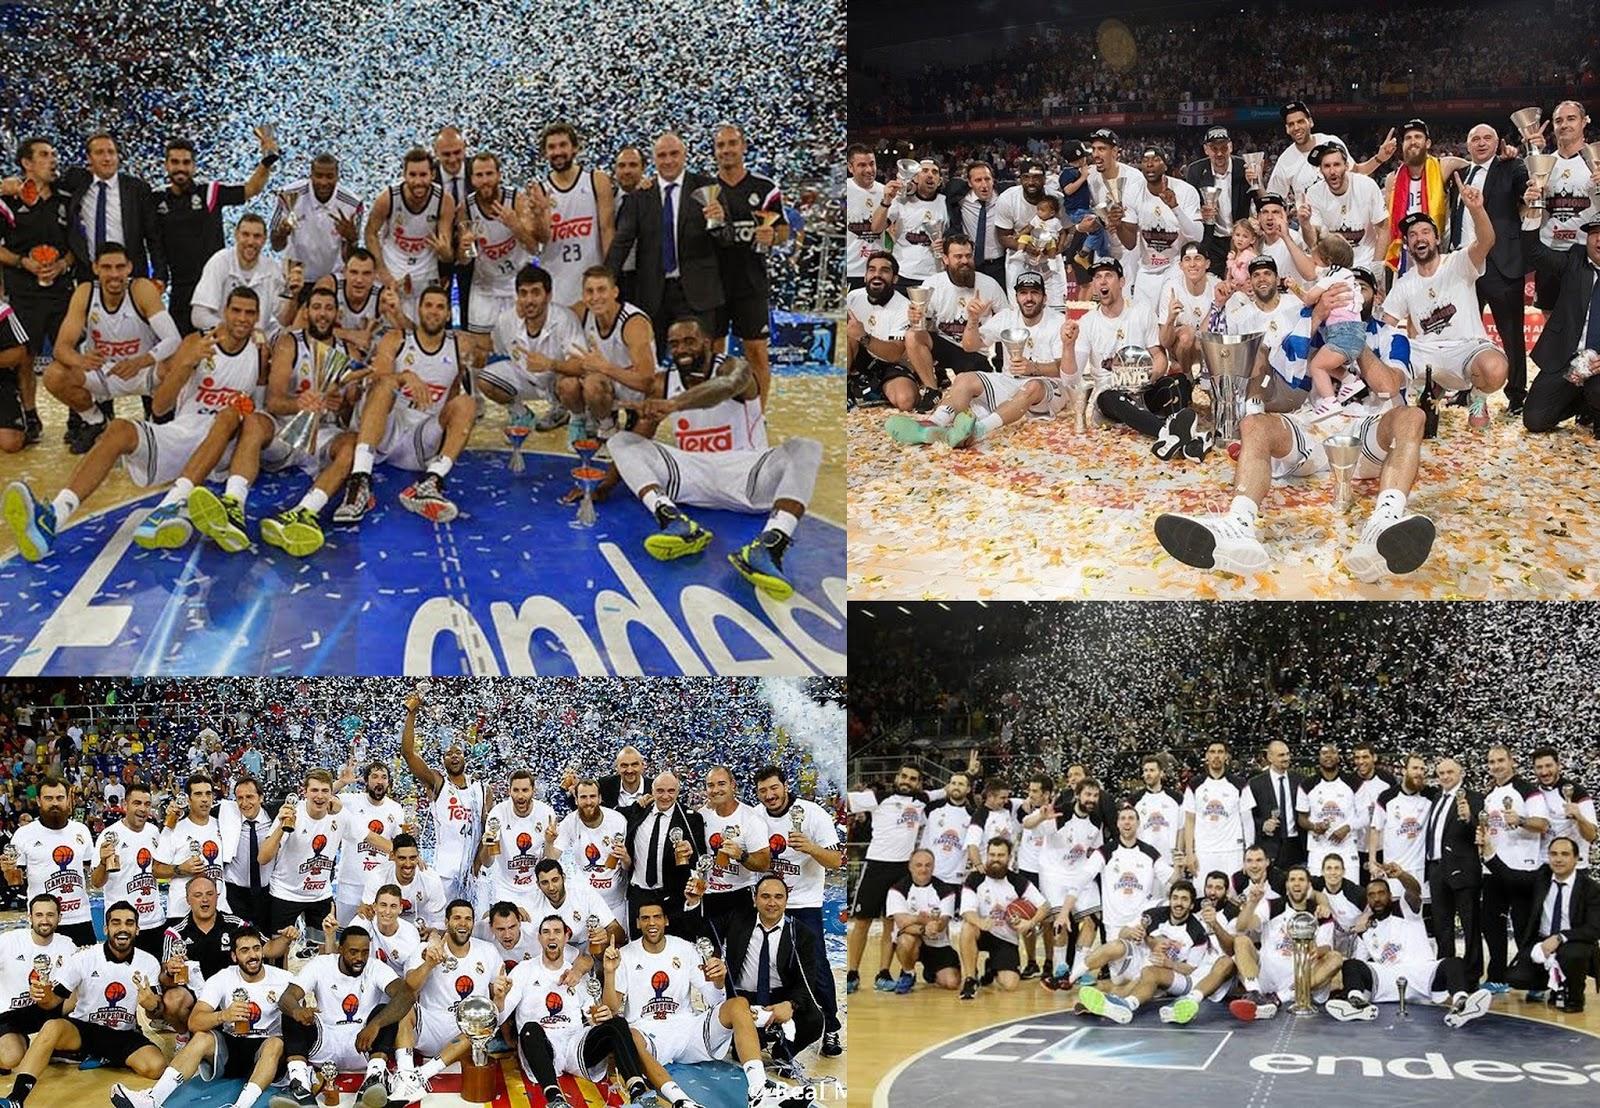 El Real Madrid consiguió conquistar en 2015 todos los títulos en juego.